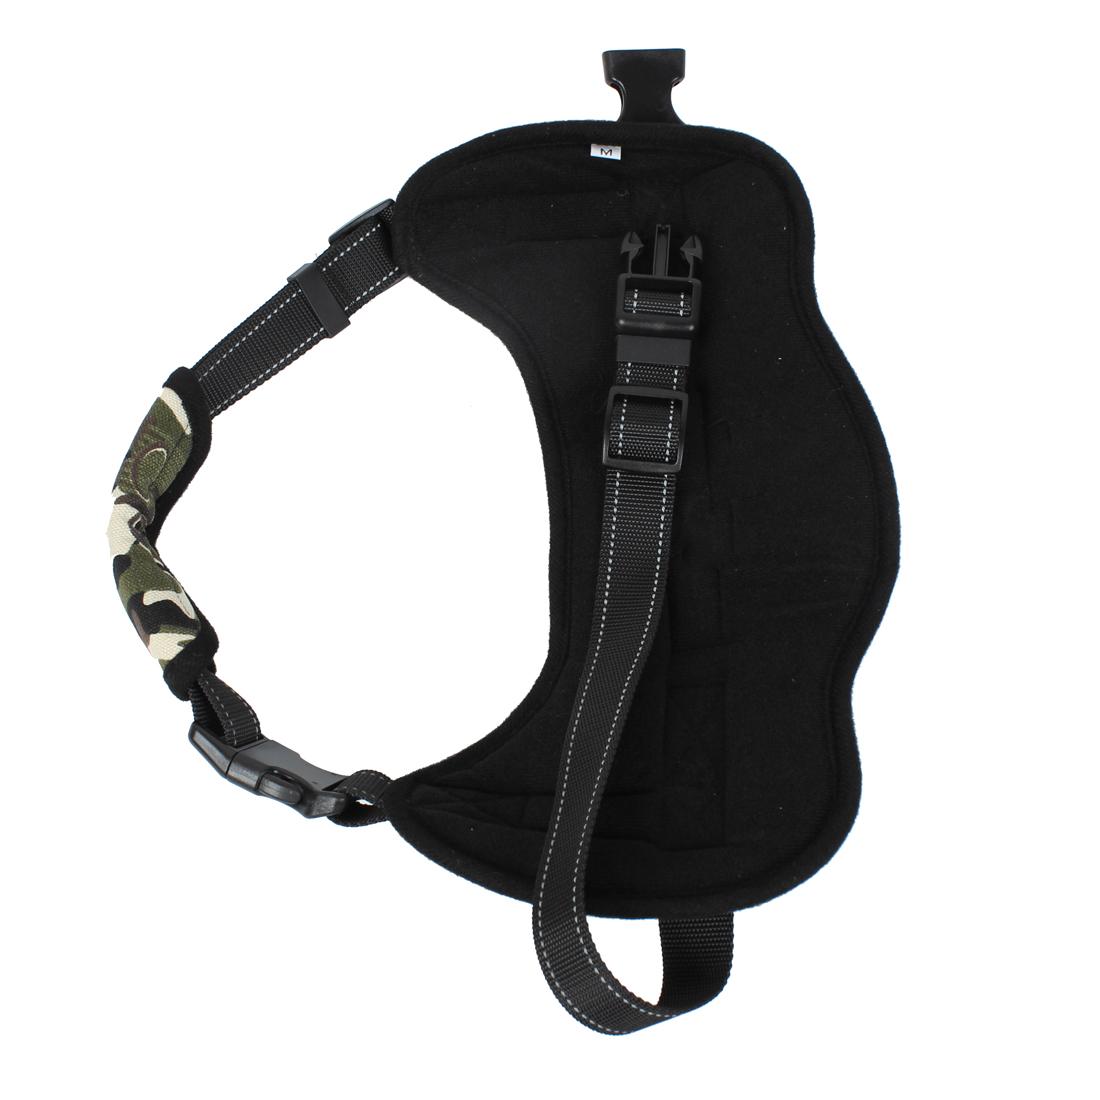 Unique Bargains Pet Dog Puppy Release Buckle Hook Camouflage Pattern Harness Vest Size 2XL - image 2 de 3